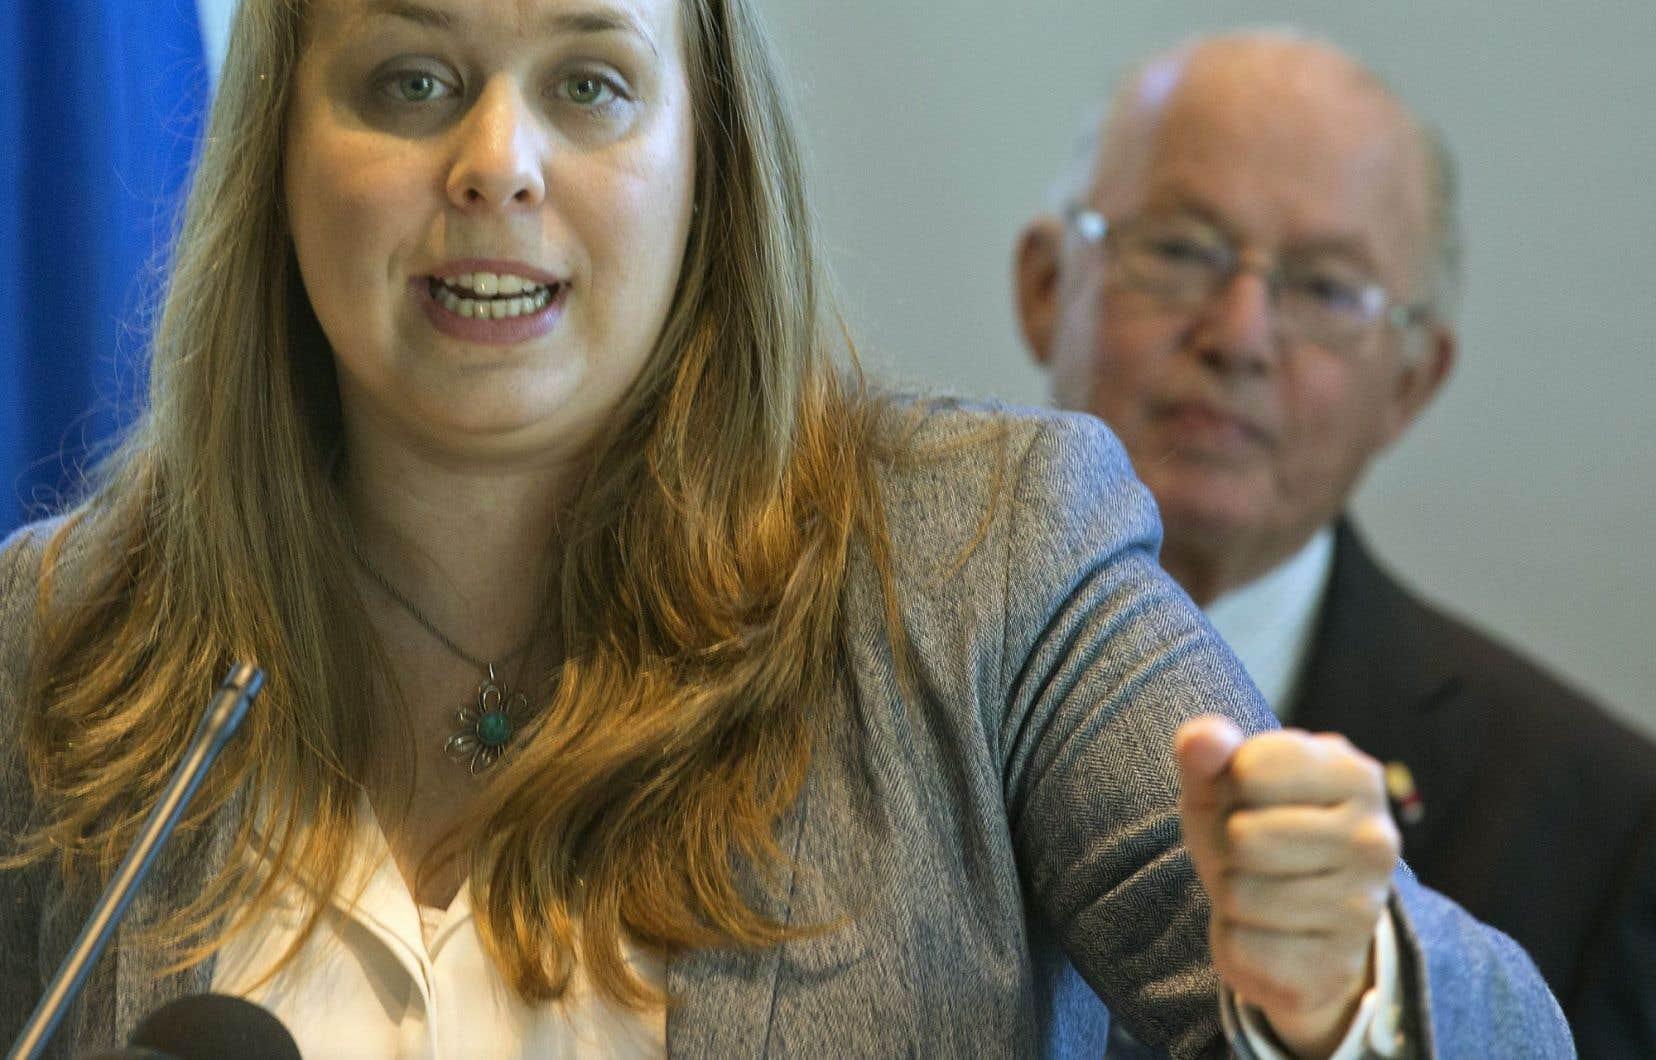 Martine Desjardins animera l'événement des 20 et 21 septembre prochains, qui reçoit la caution d'éminents souverainistes, dont Bernard Landry.